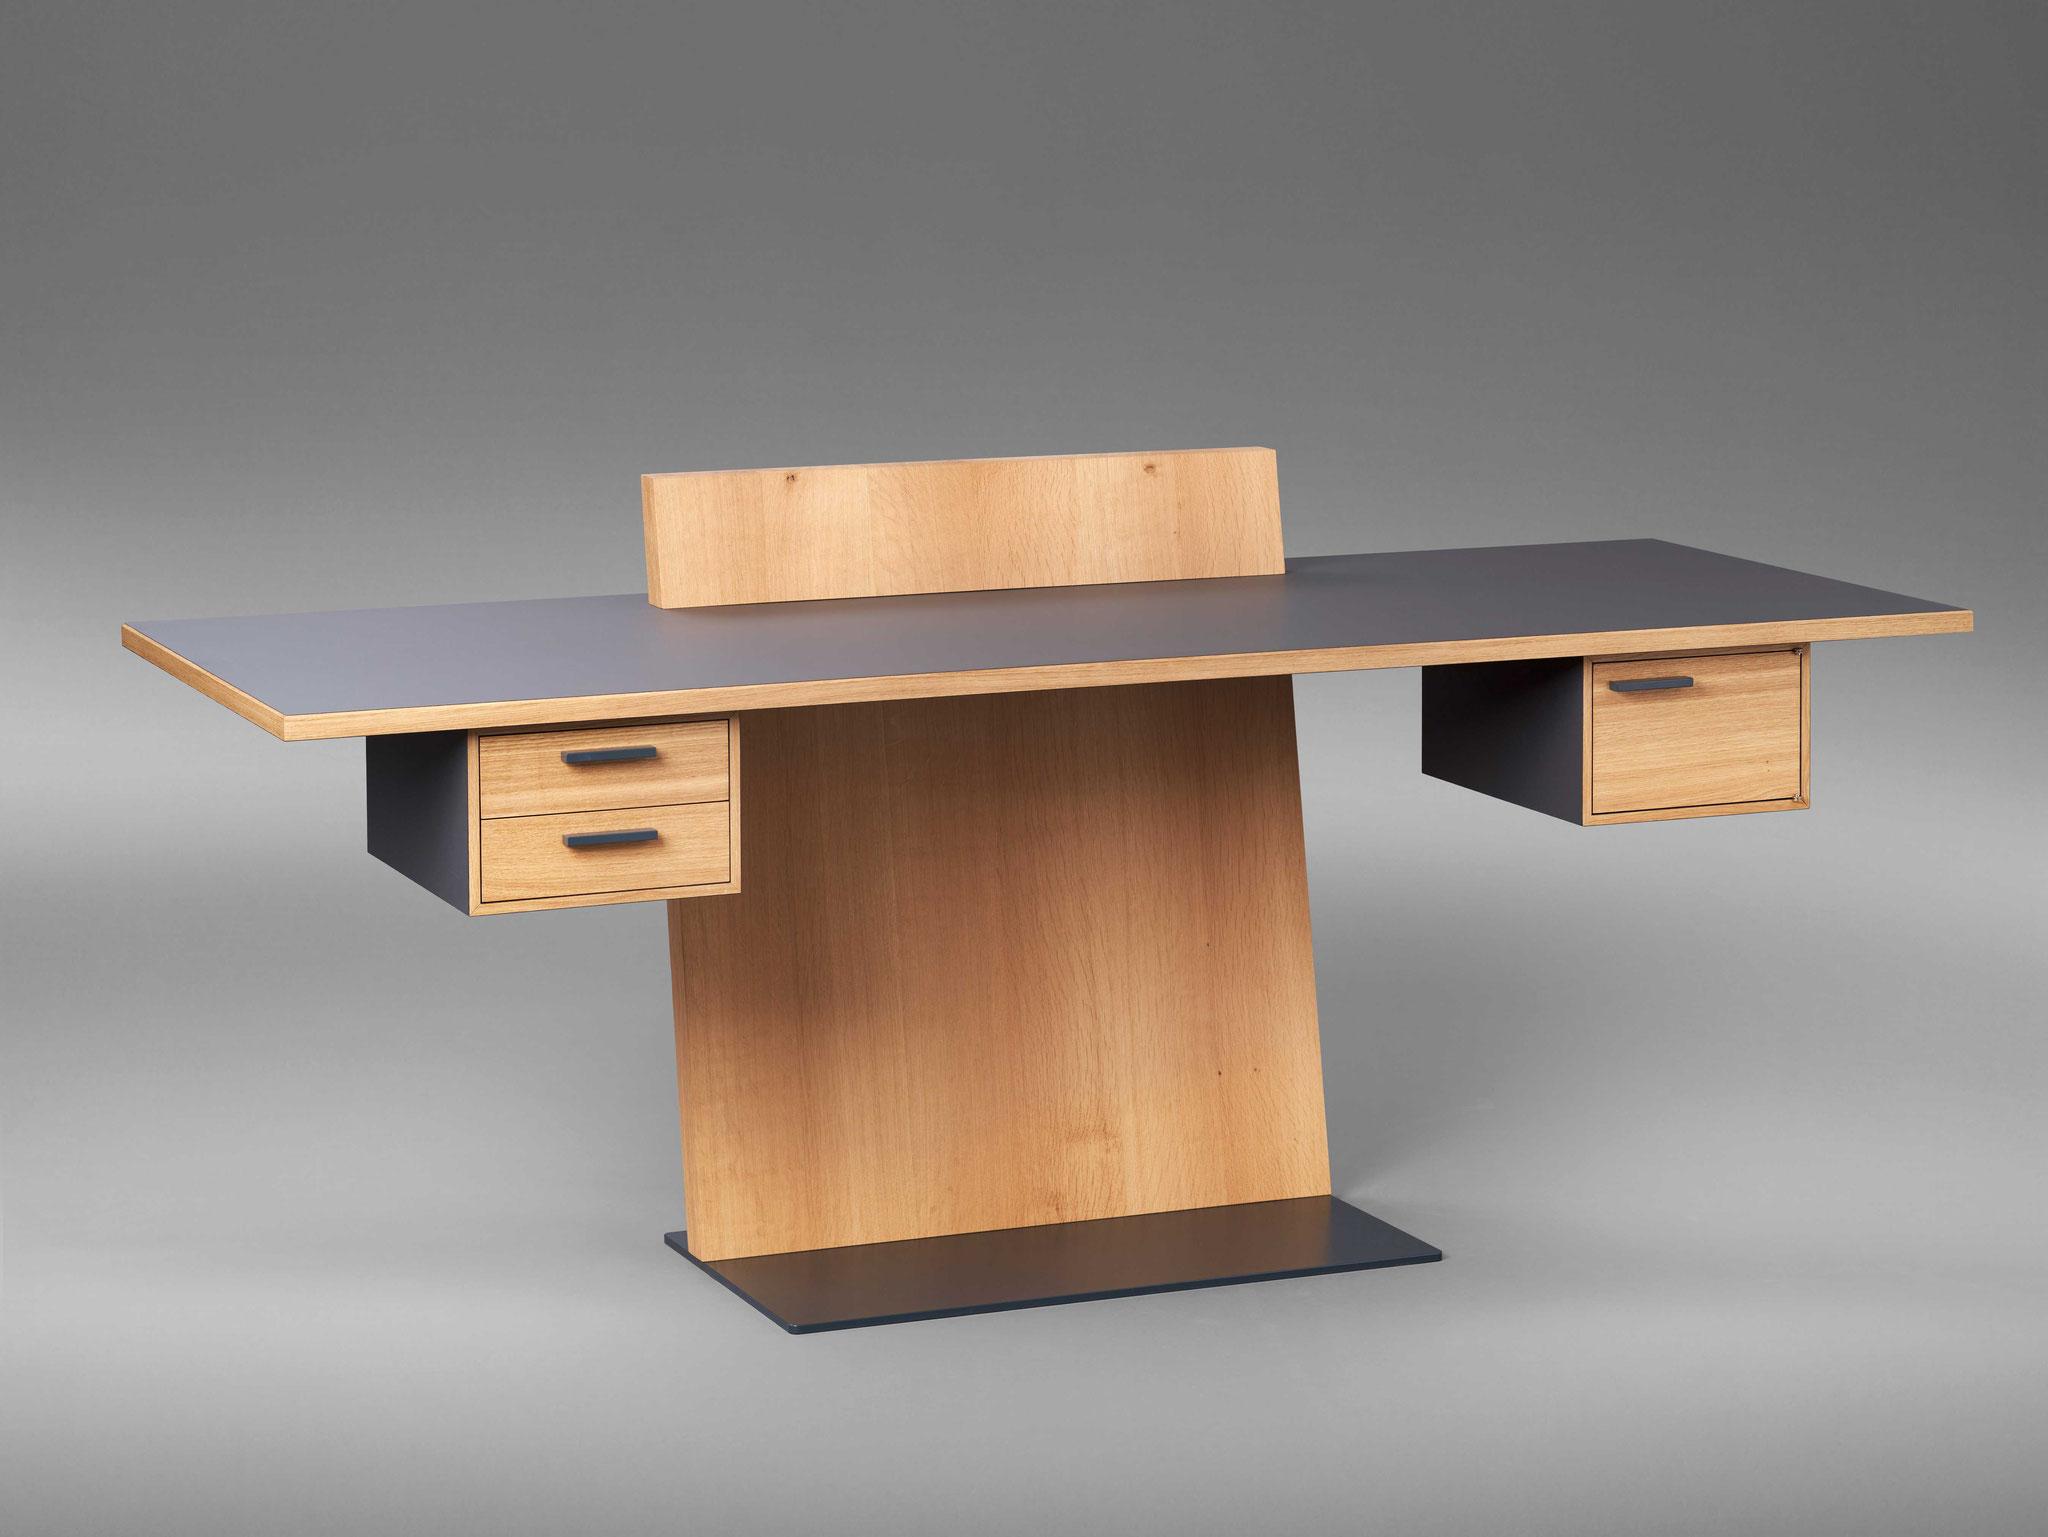 Dritter Preis, Lukas Debus, Schreibtisch in Eiche und HPL